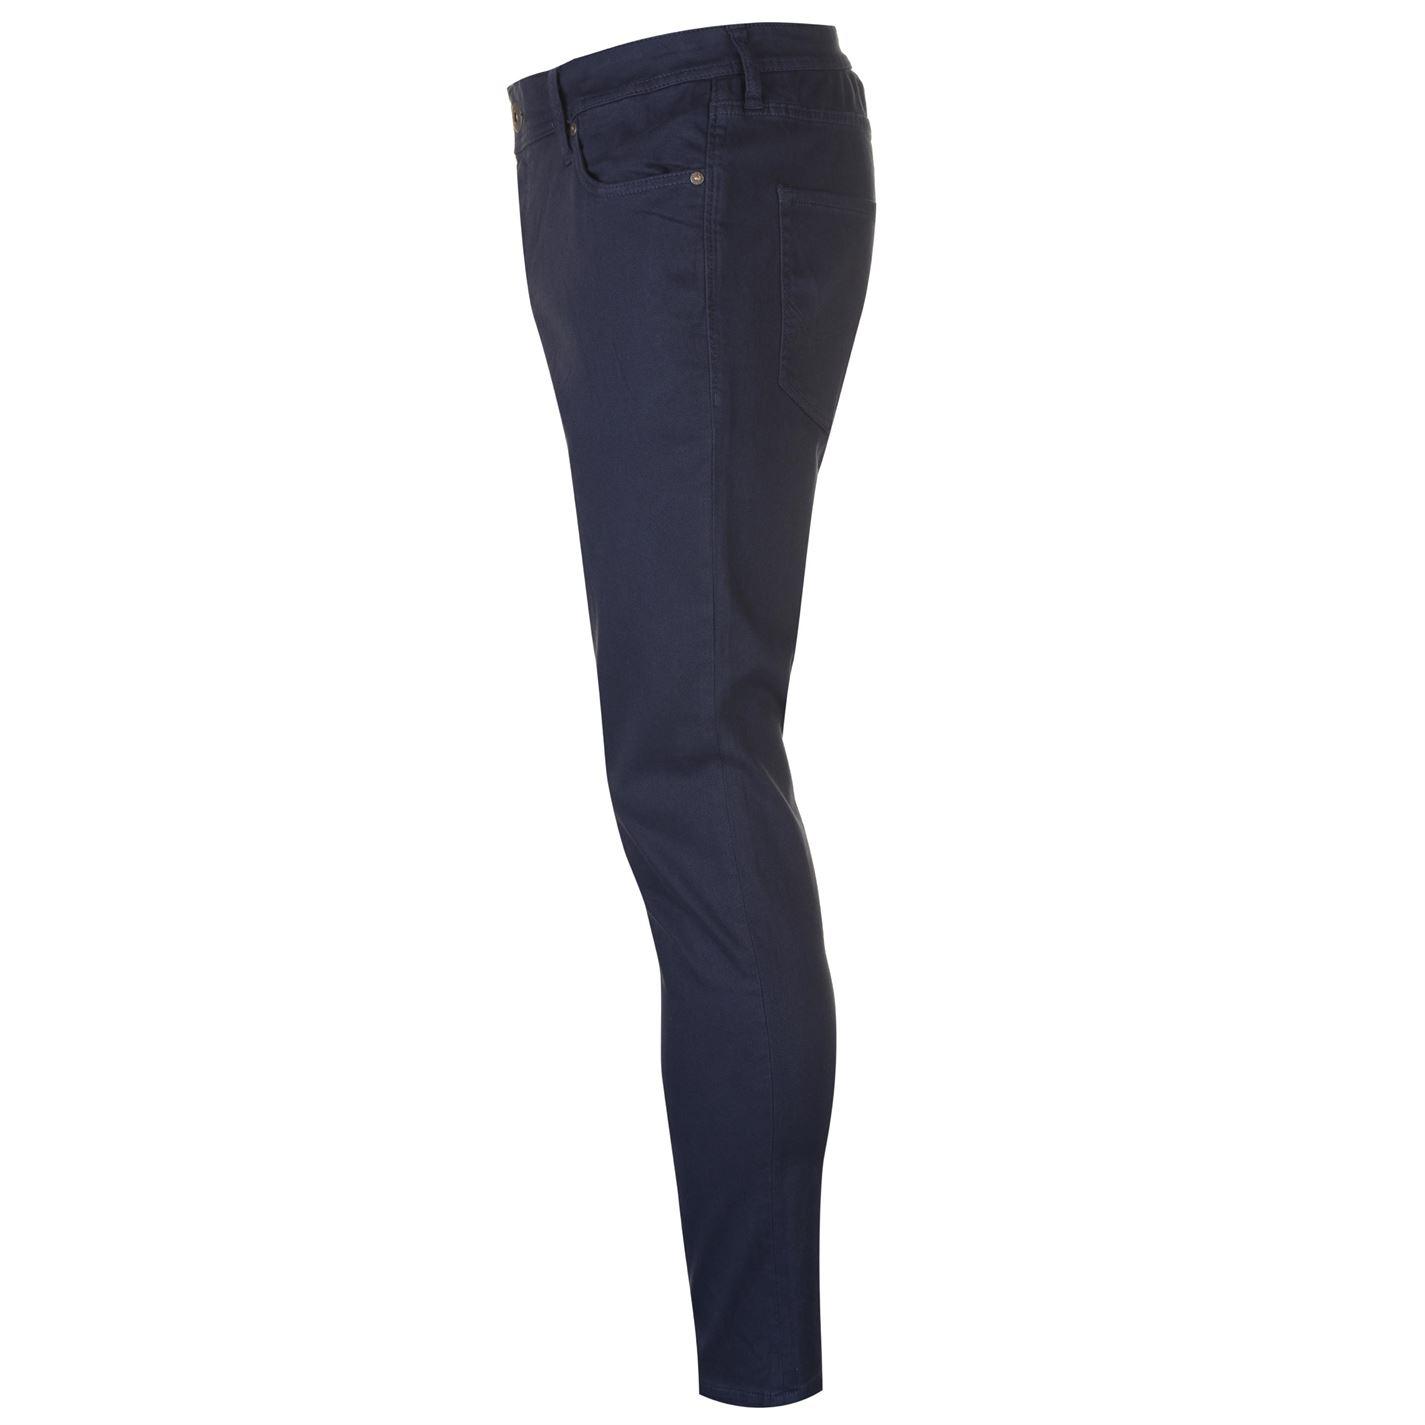 Mens New Ebay And Glenn Jones Jack Slim Jeans Fit Original qraq6